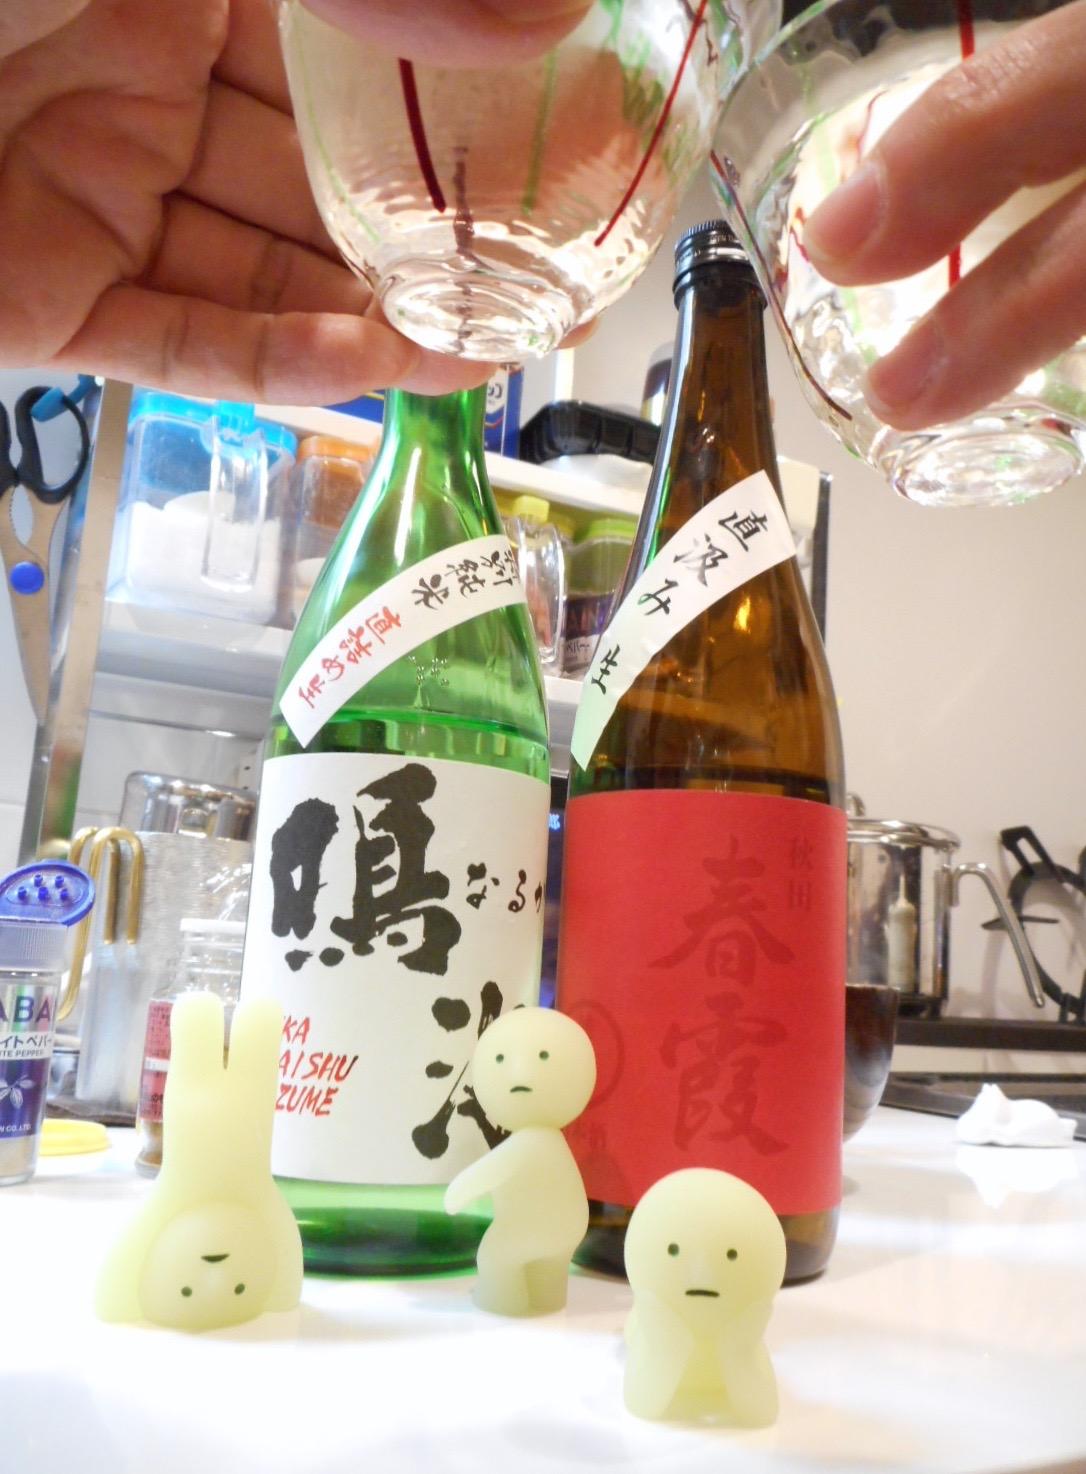 rokumaru_taka_naruka_harukasumi7.jpg